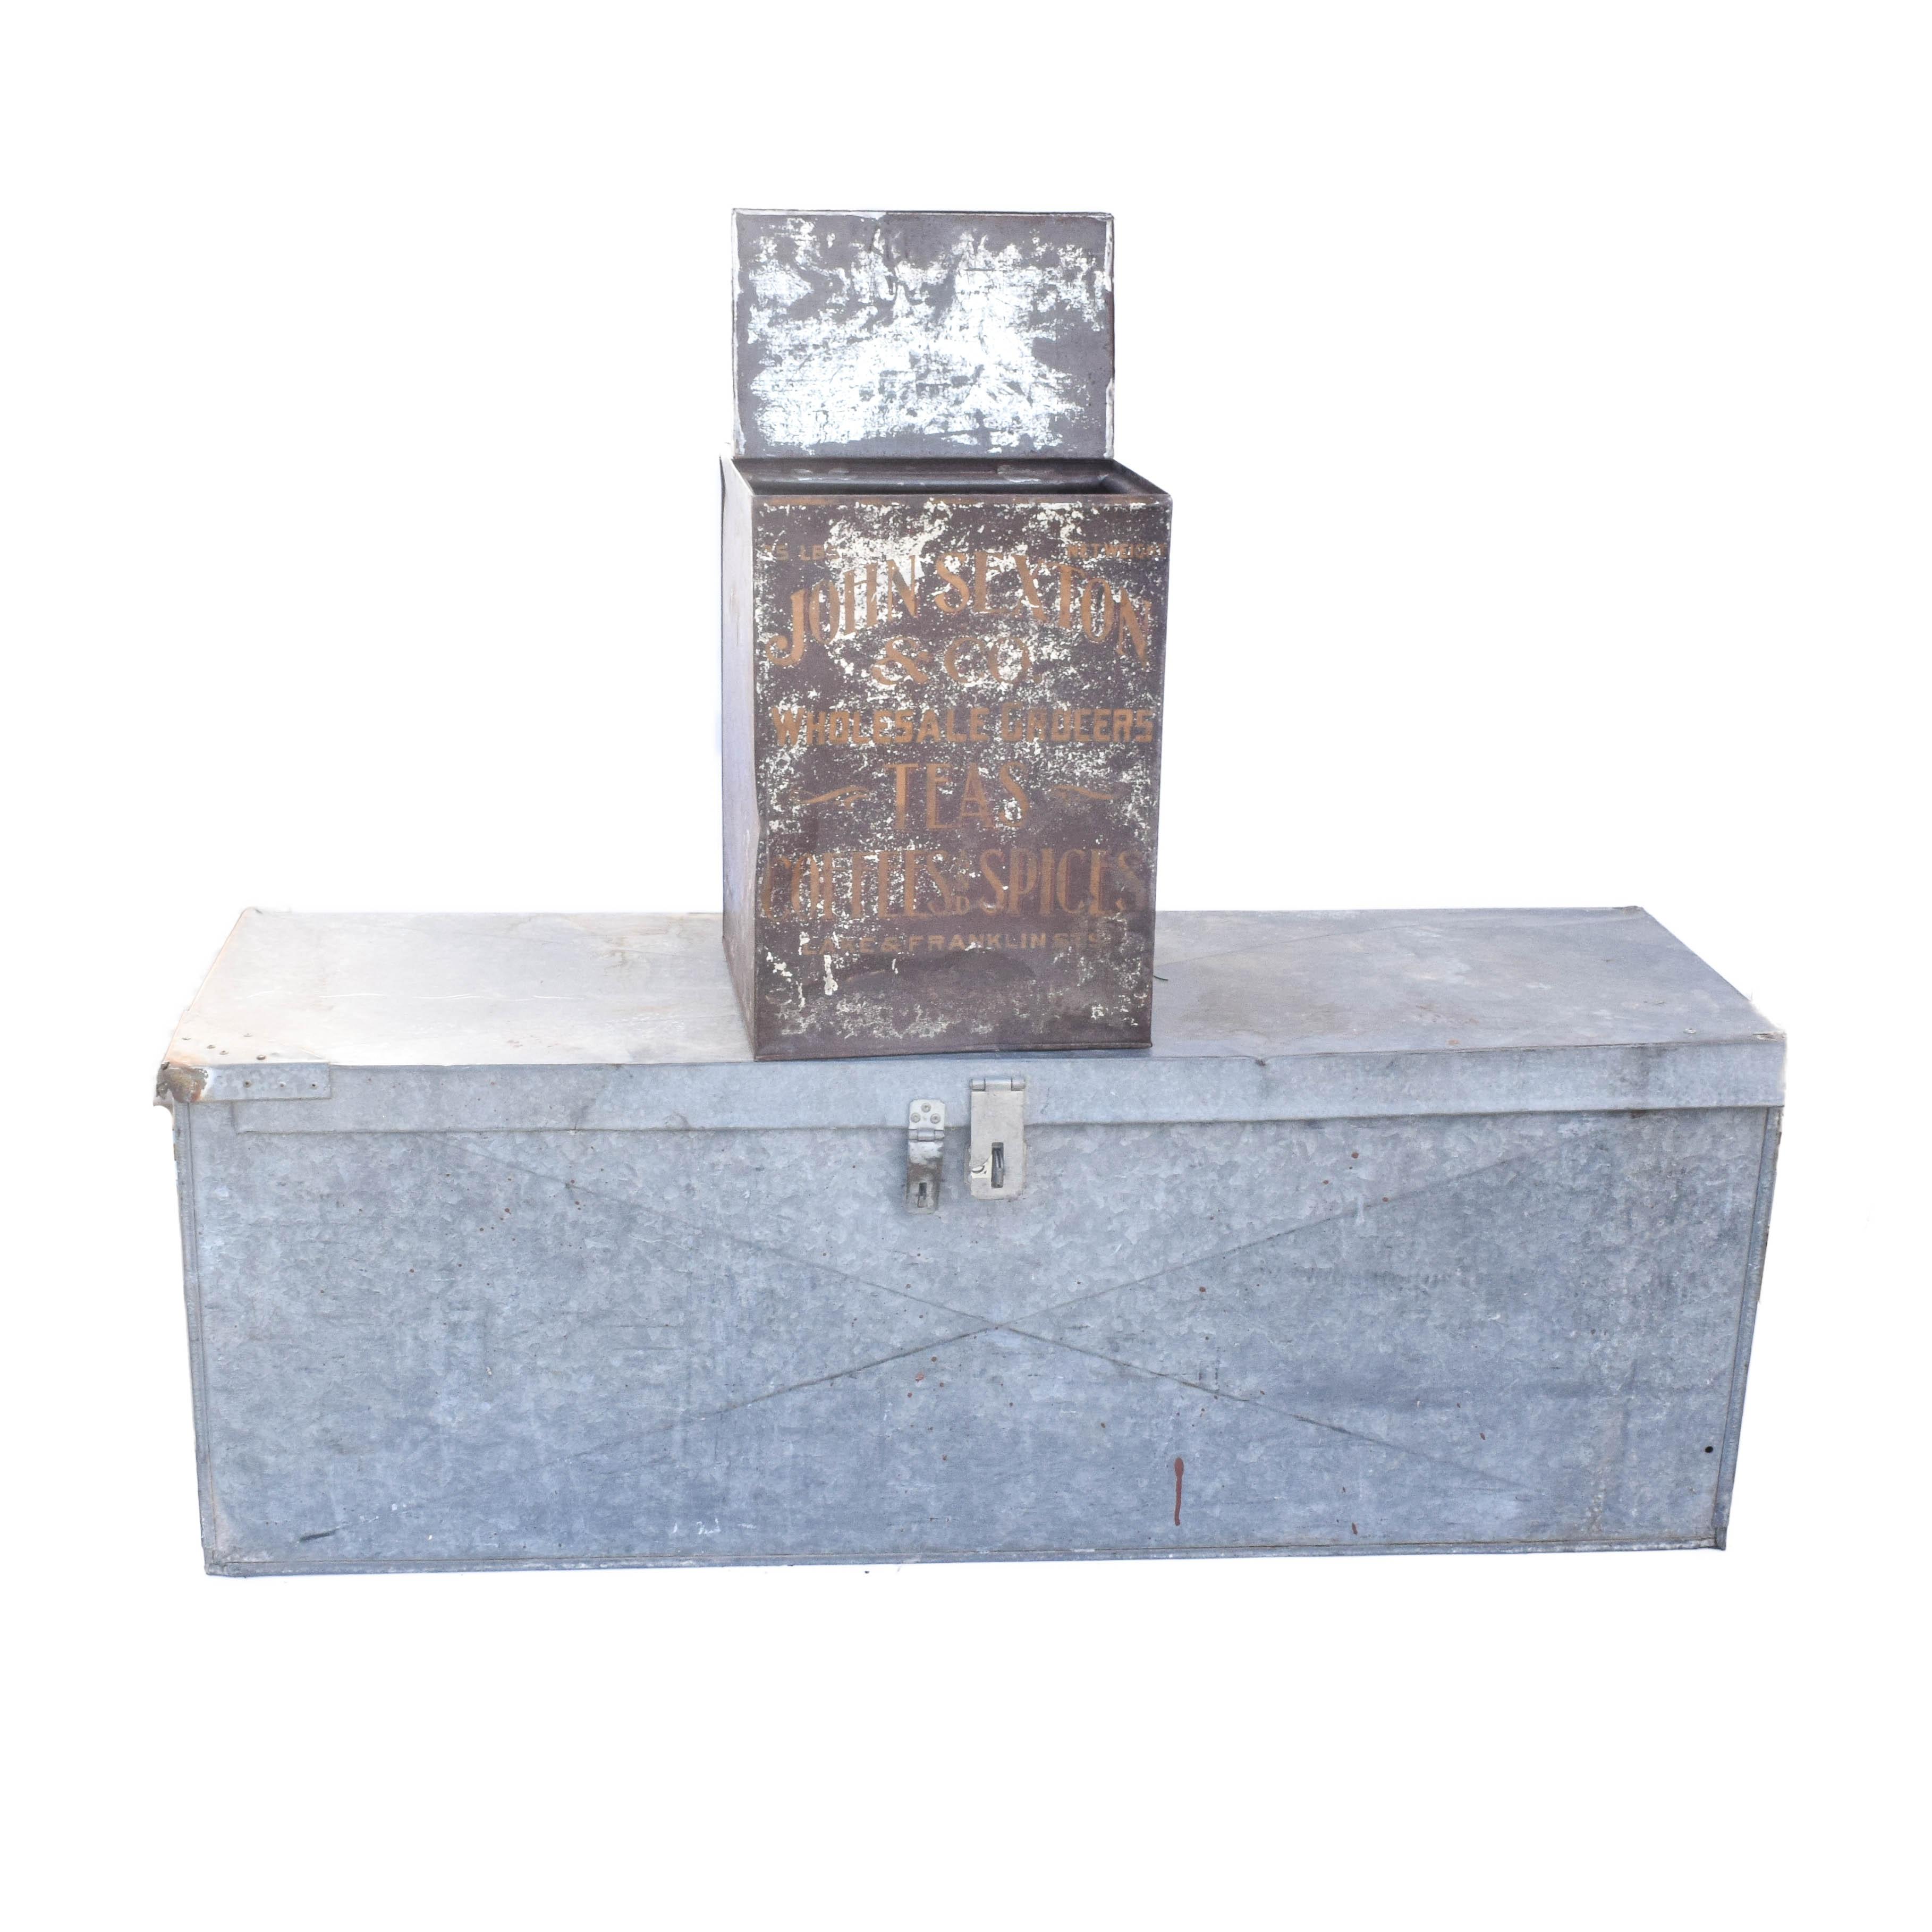 Vintage Industrial Metal Boxes